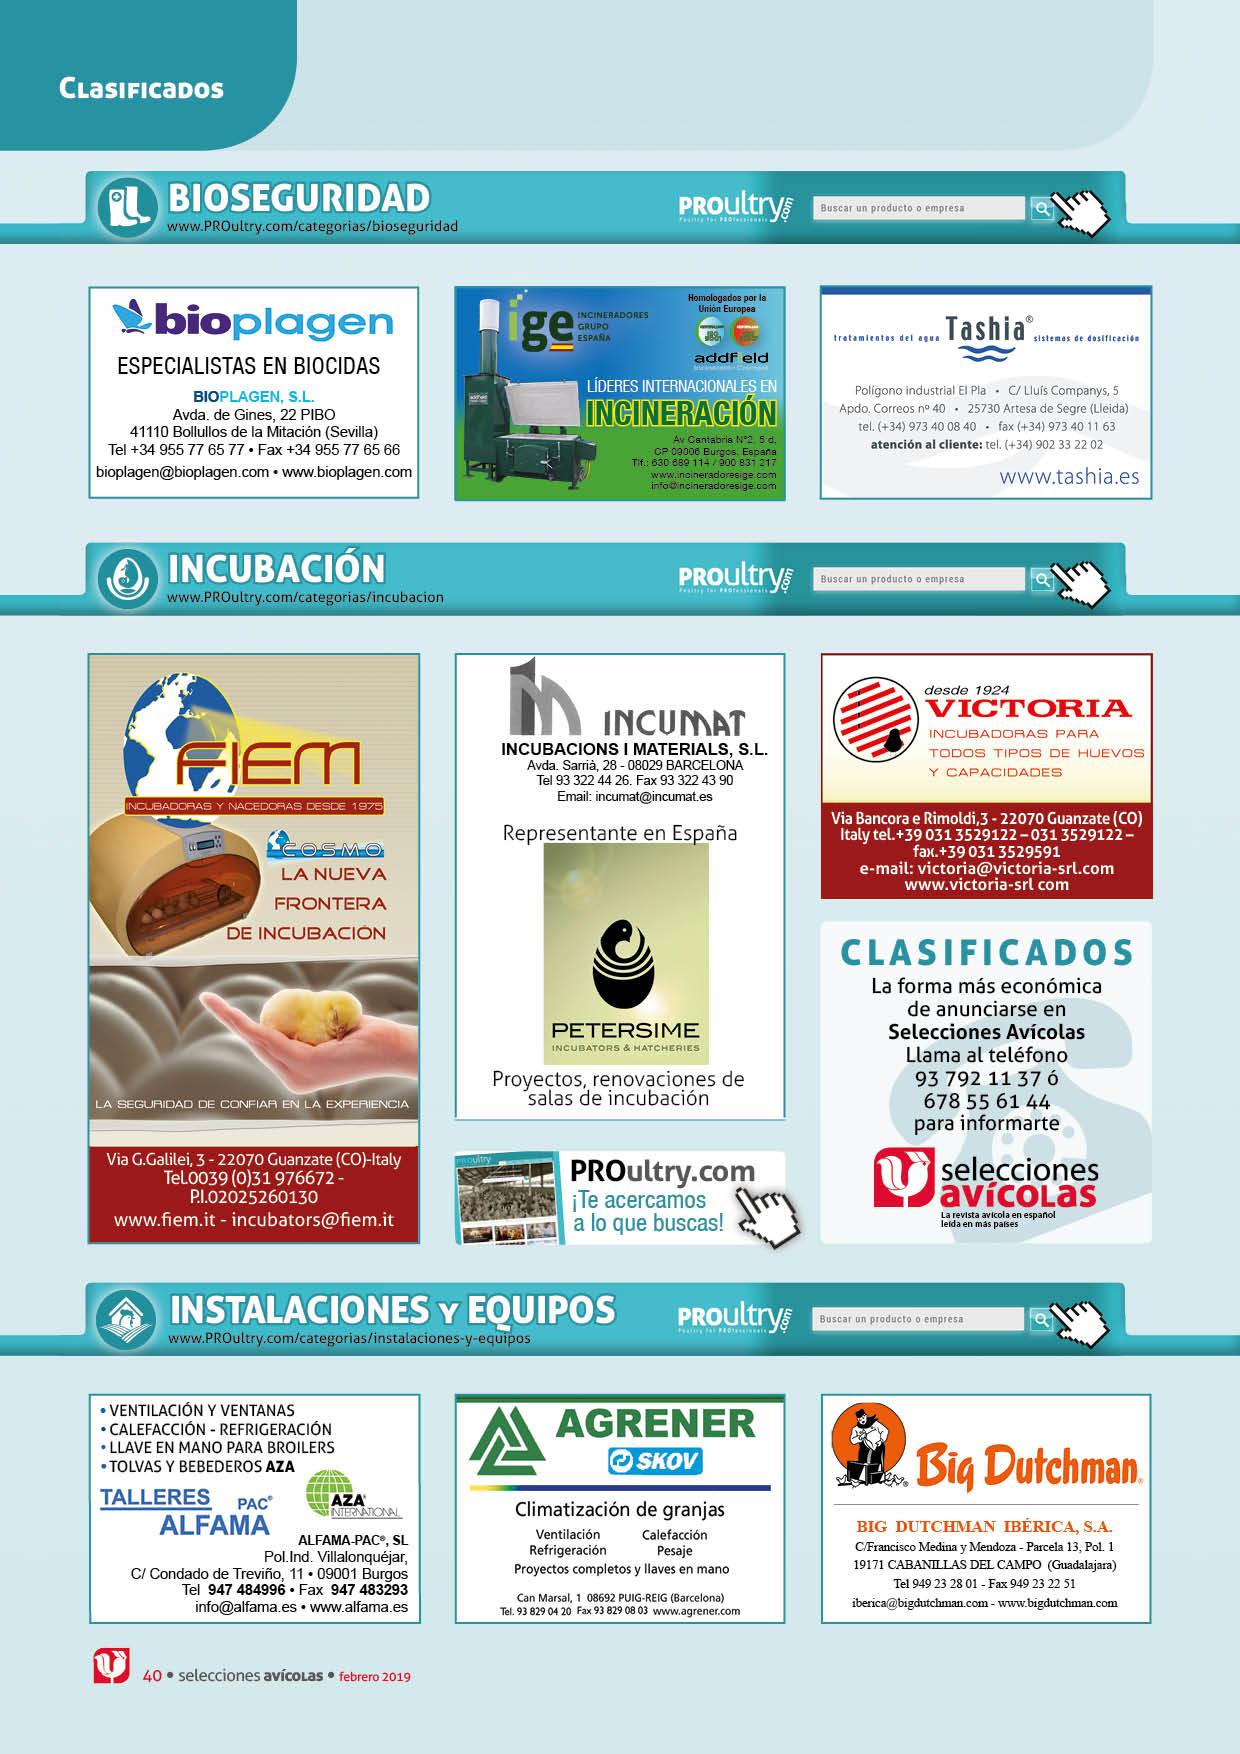 0219_Clasificados2.jpg